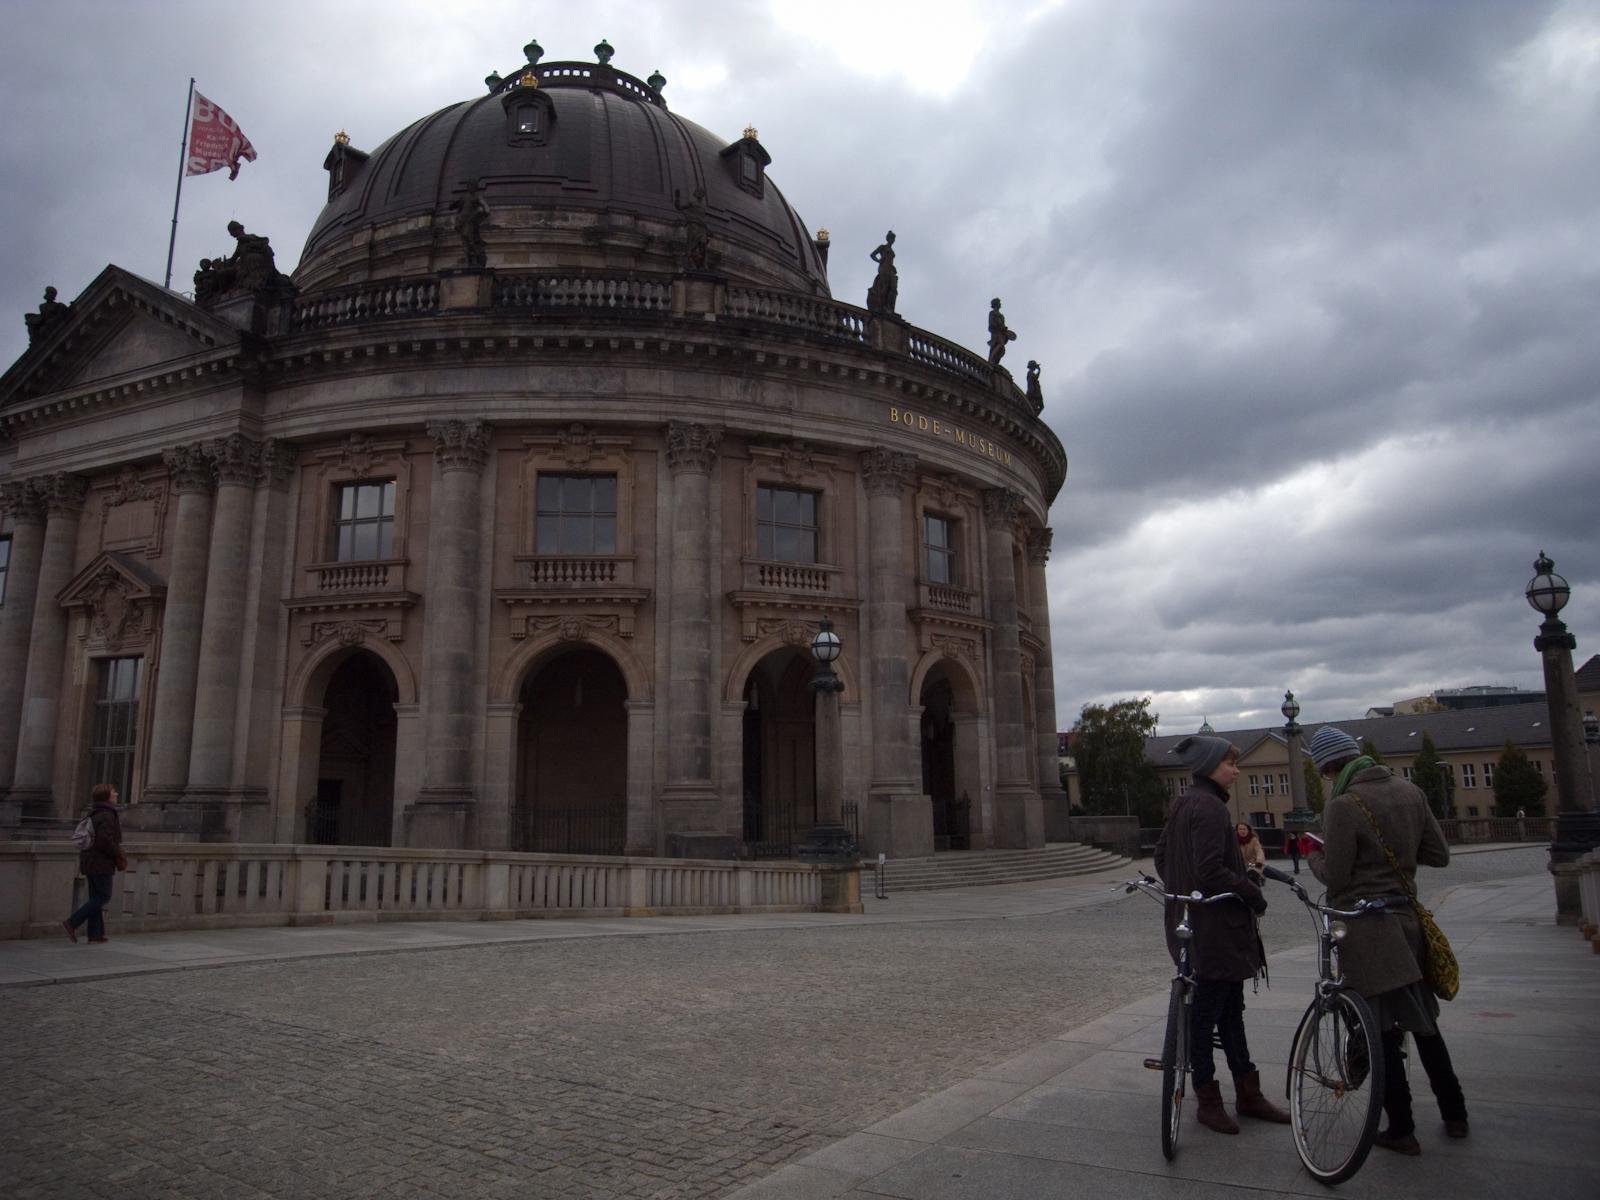 Bode Museum, Berlin, 2009